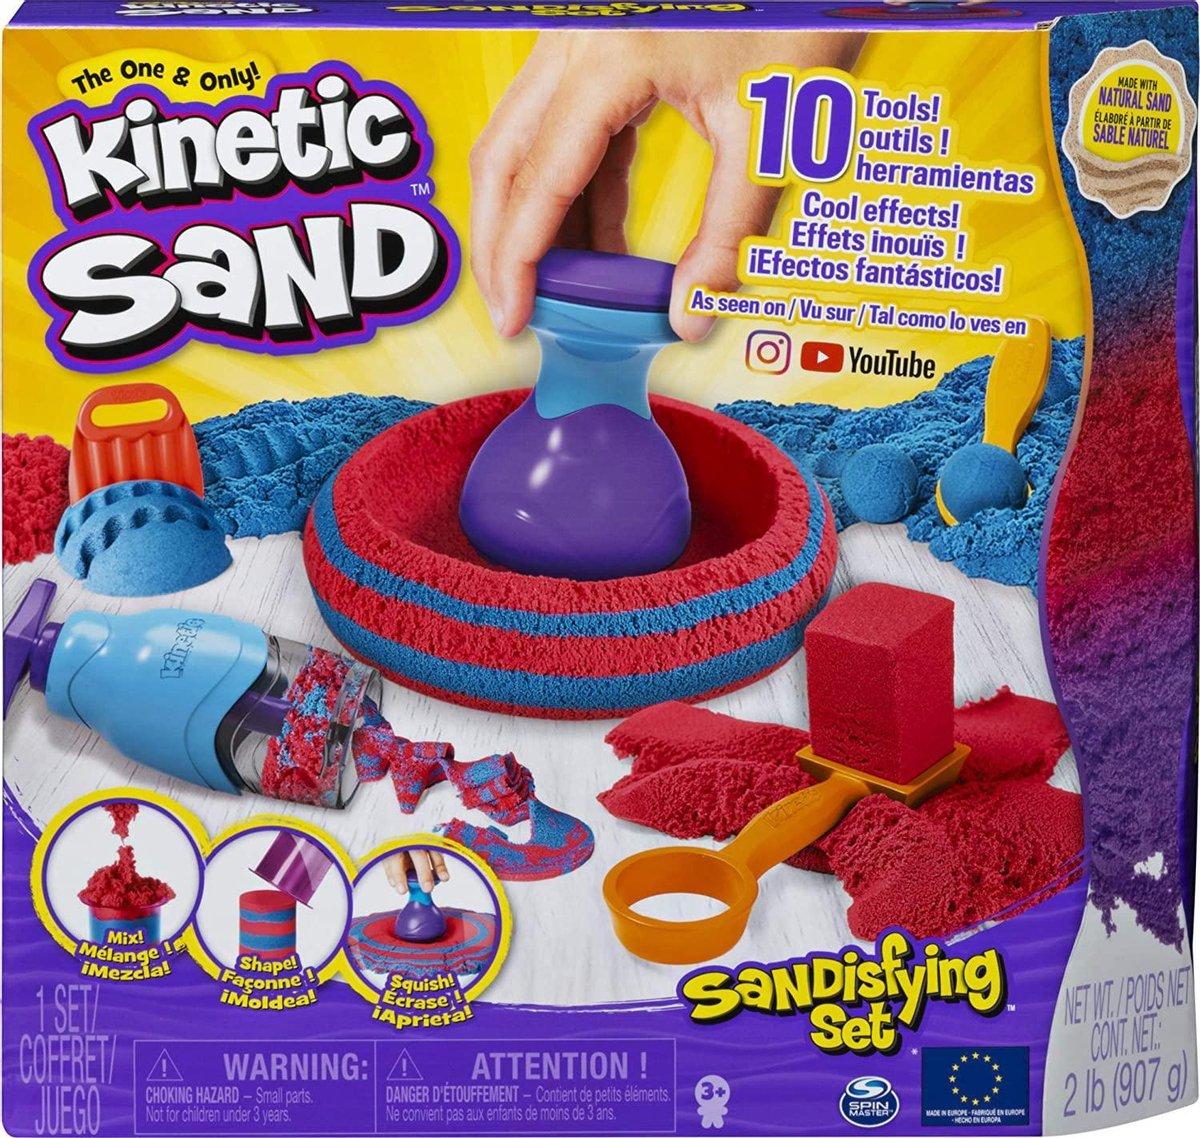 Kinetic Sand Sandisfying Set met 10 gereedschappen voor creatief zandspel binnenshuis